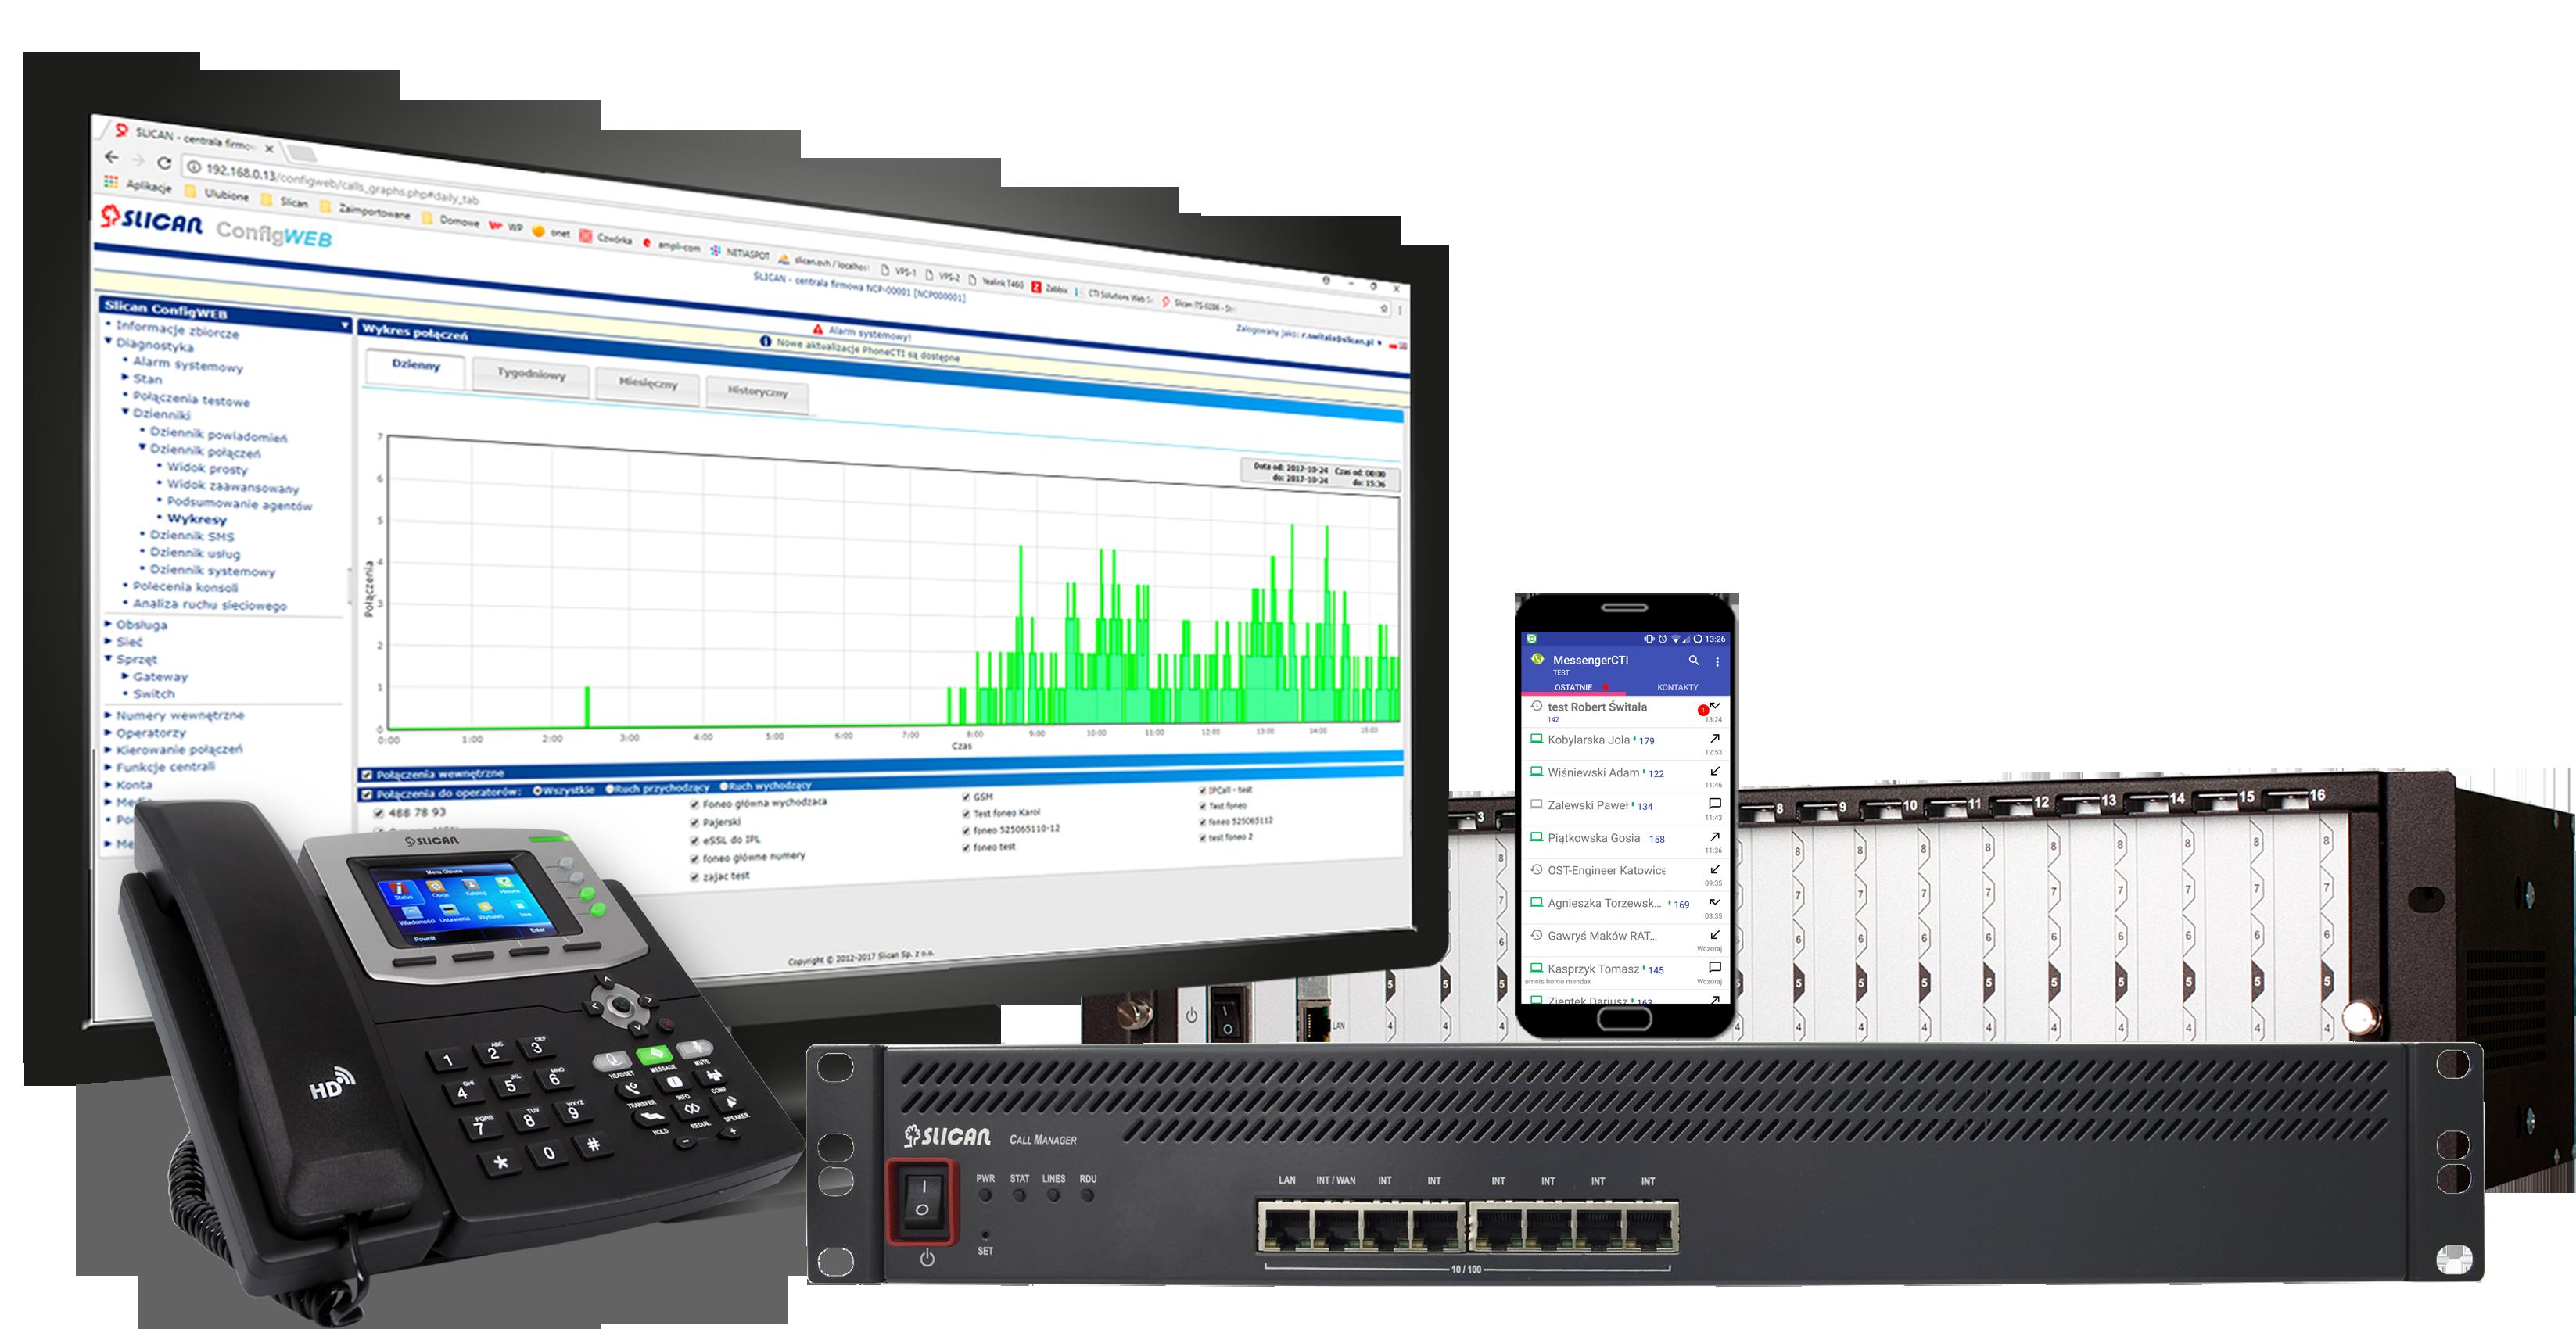 Telefonia internetowa VoIP dla firm